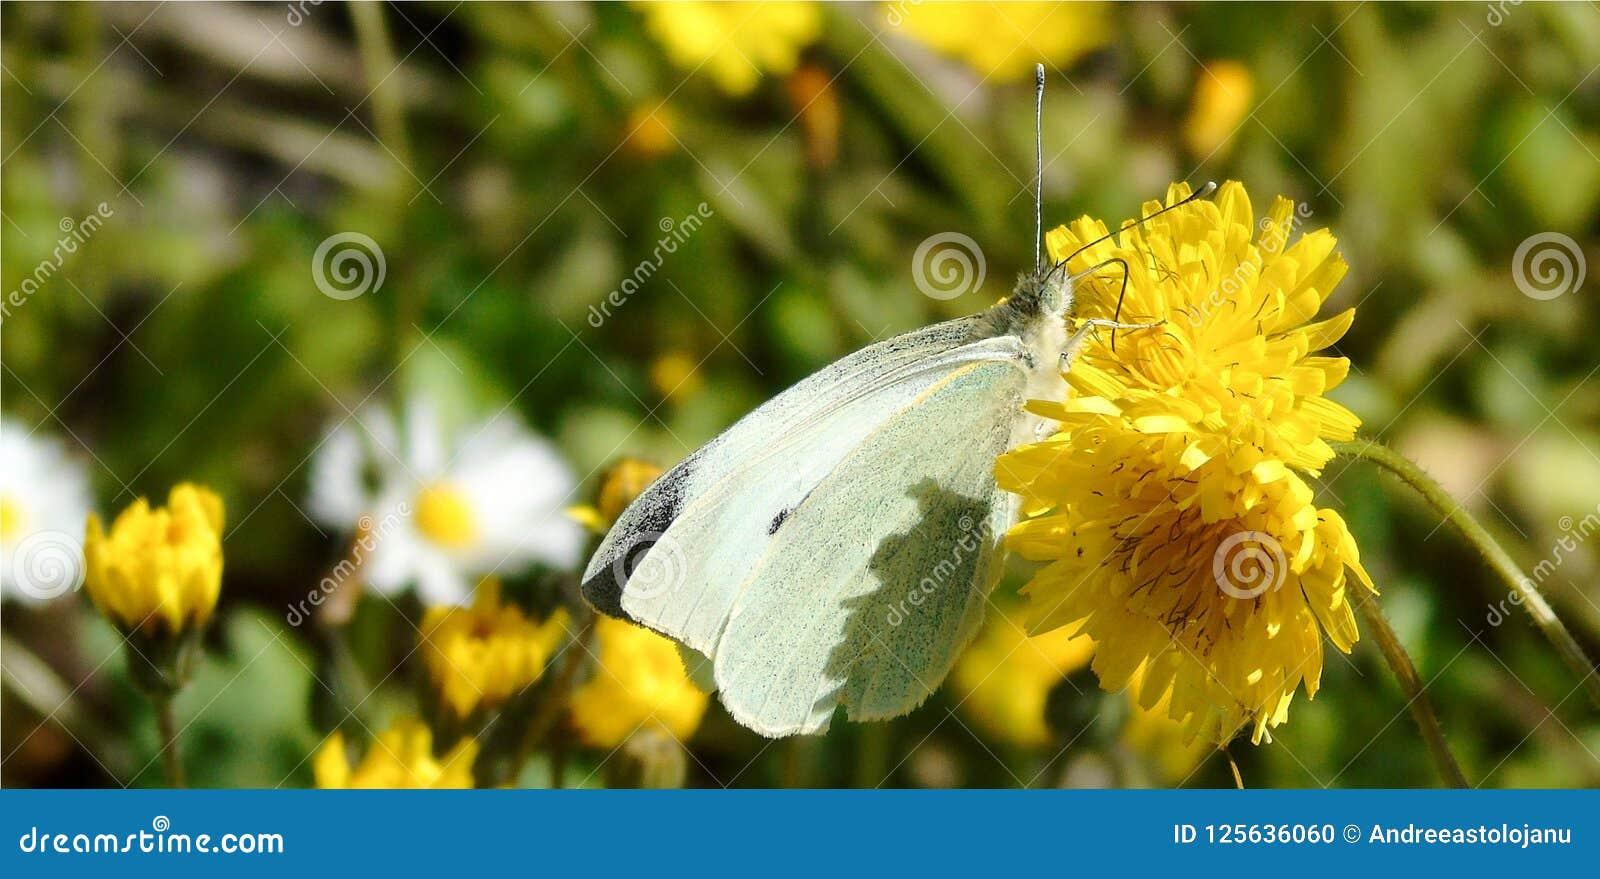 Wallpaper con el primer de la mariposa blanca en la flor amarilla iluminada en fondo florido verde del prado